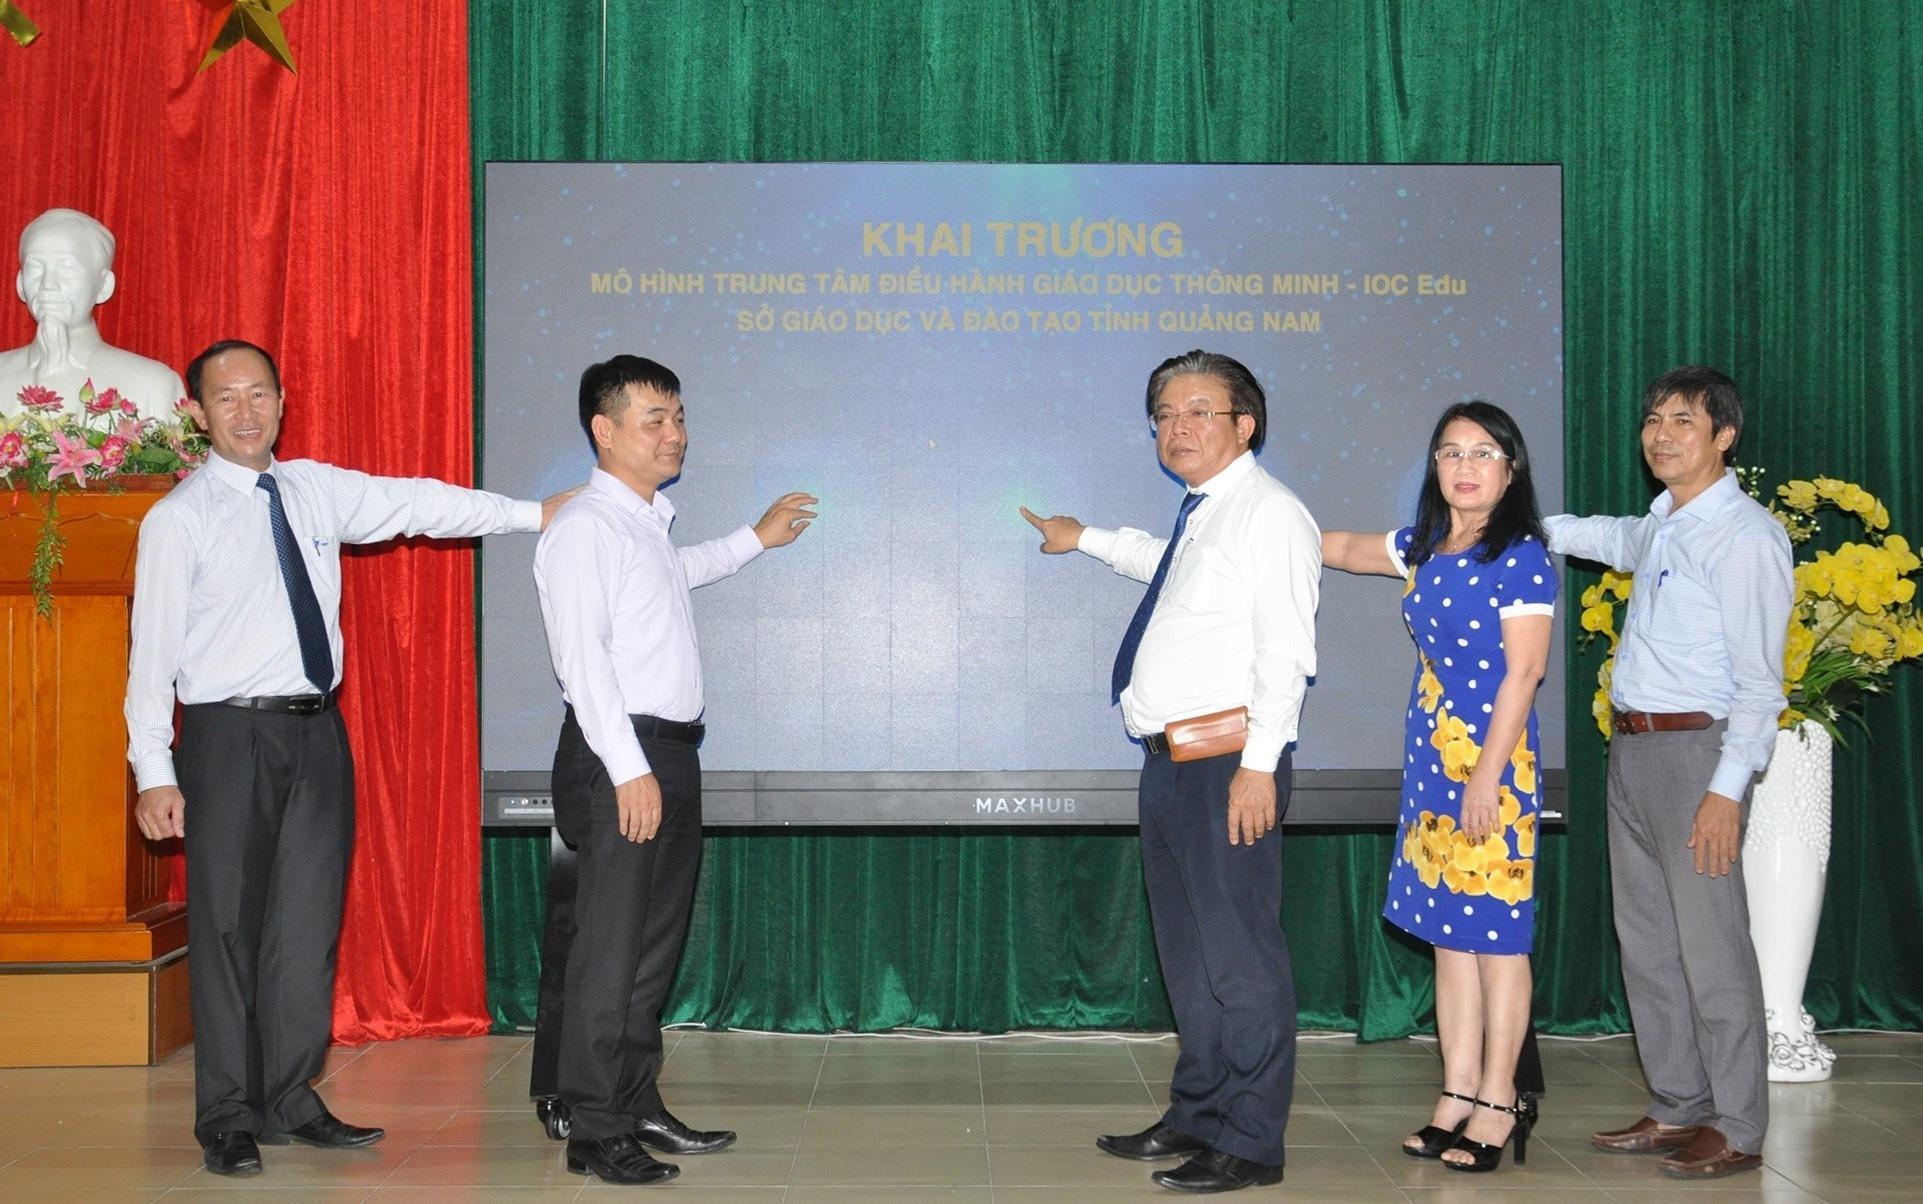 Khai trương Trung tâm Điều hành giáo dục thông minh từ ngày 26.4. Ảnh: A.S